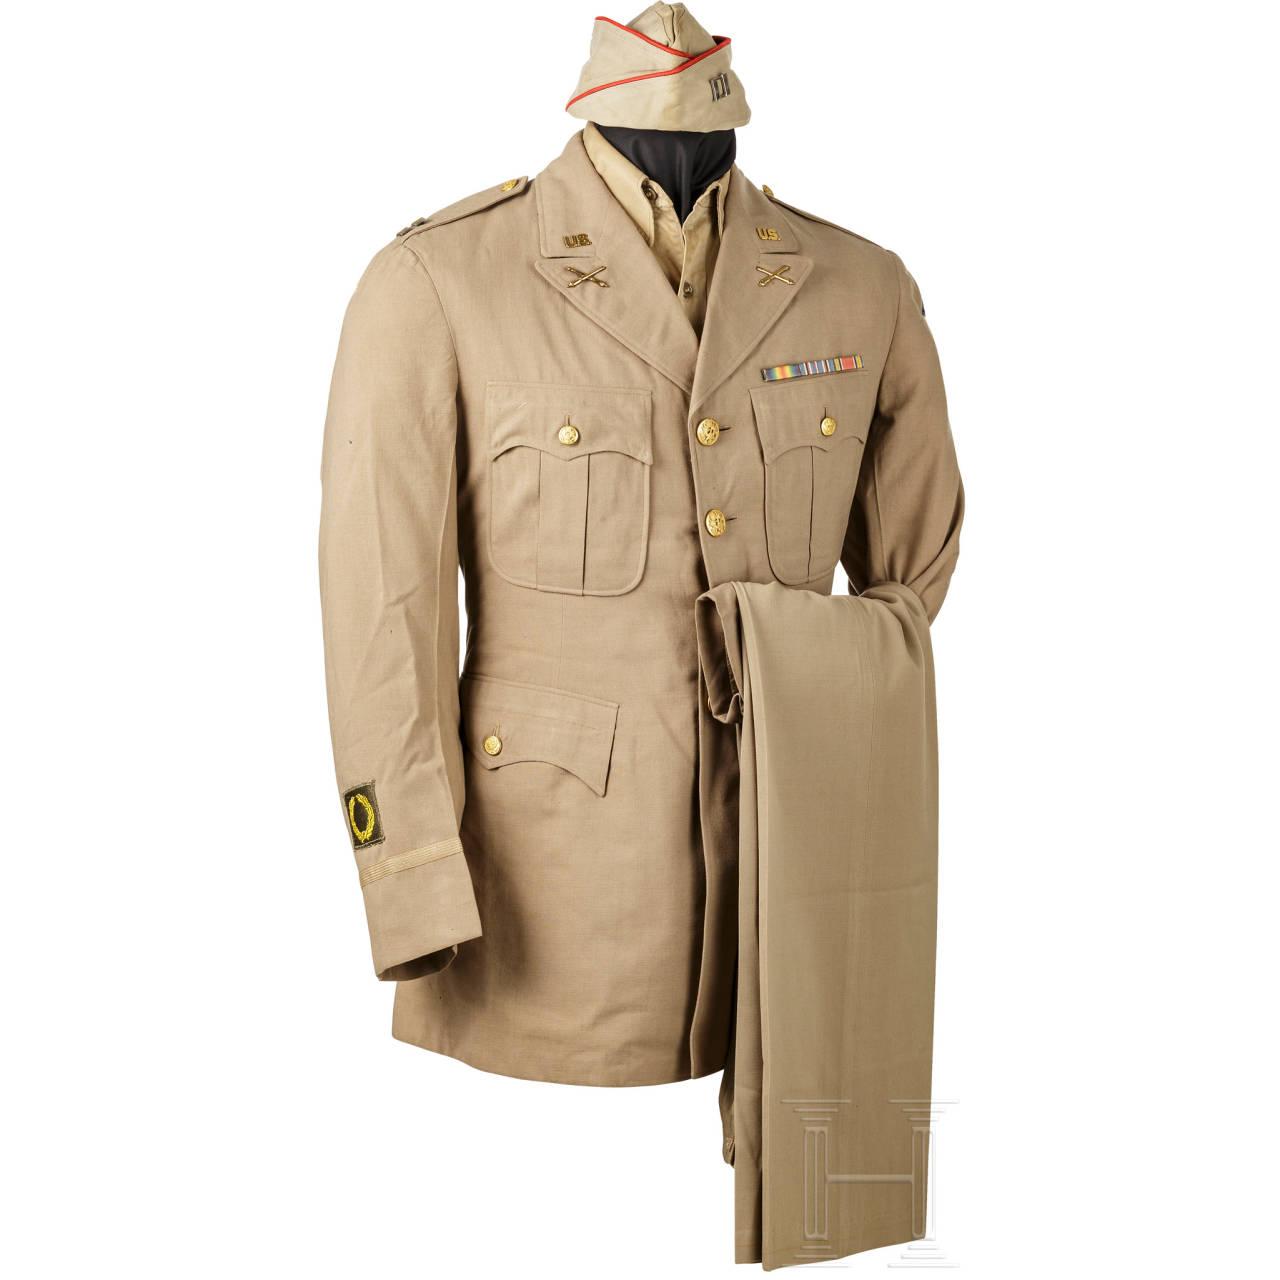 Dienstuniform für Captains der Artillerie, 2. Weltkrieg